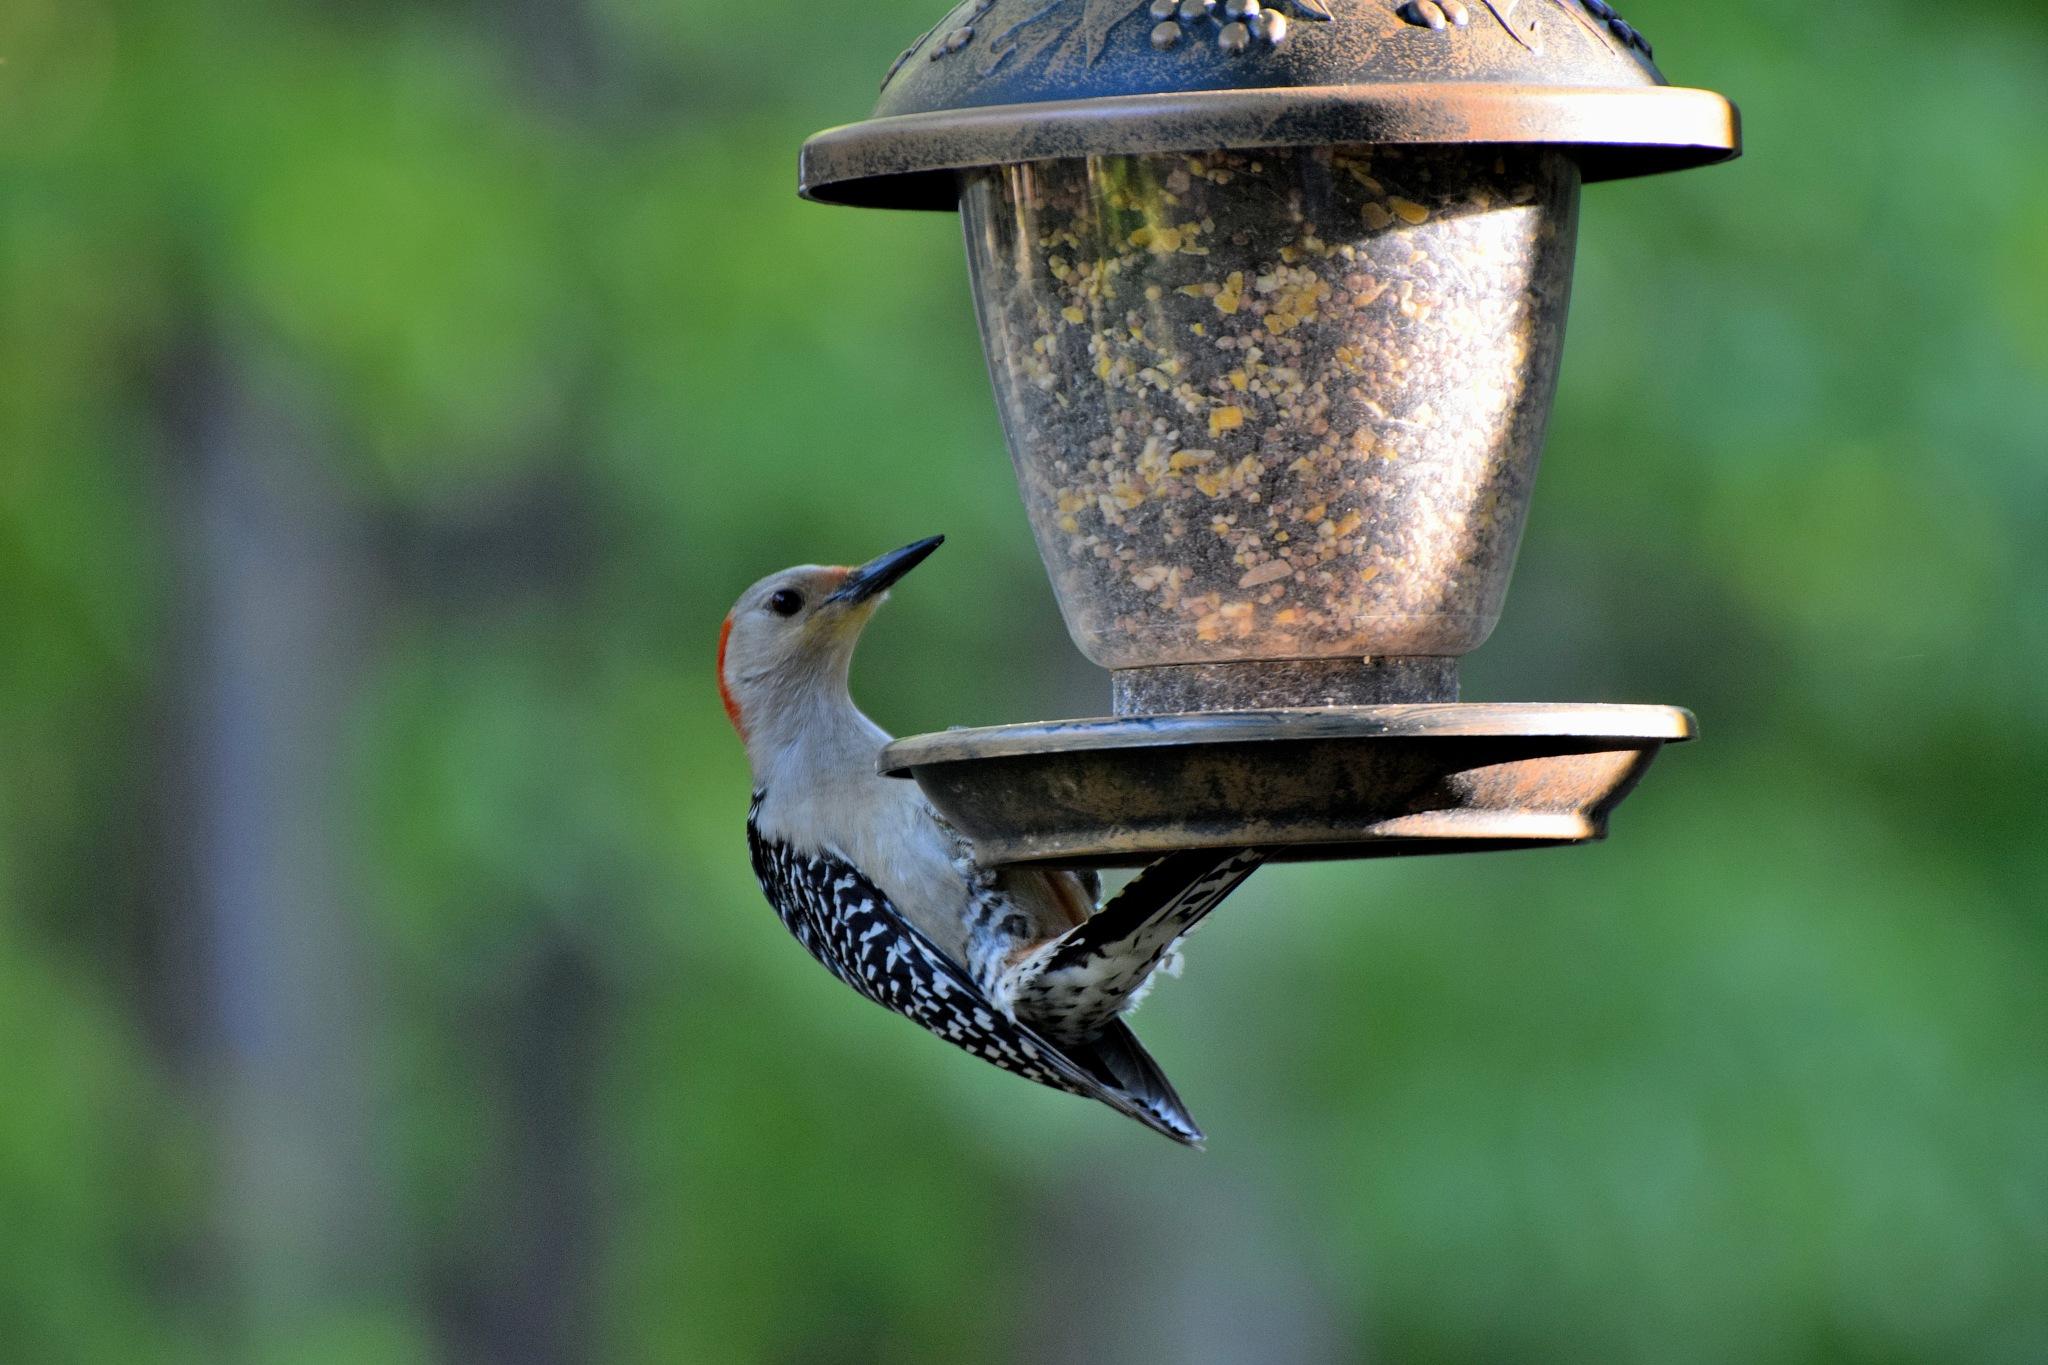 Natrue's Birds 619~Feeding The Woodpecker by Lawrence Scott Hess